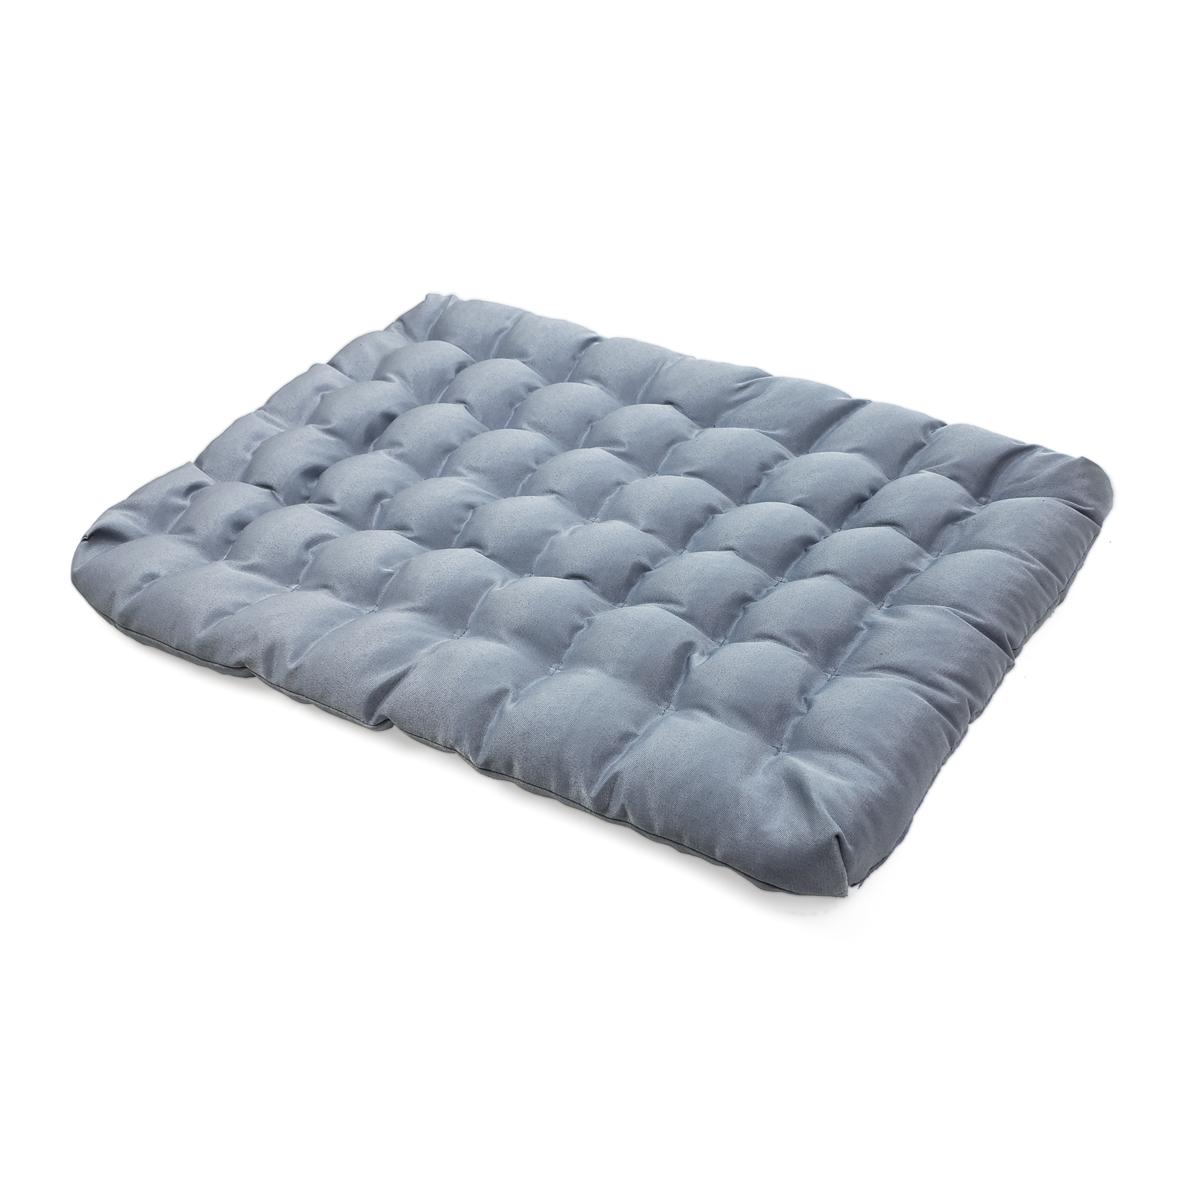 Лежак  Орто  р. 50х80 - Прочий текстиль артикул: 21153